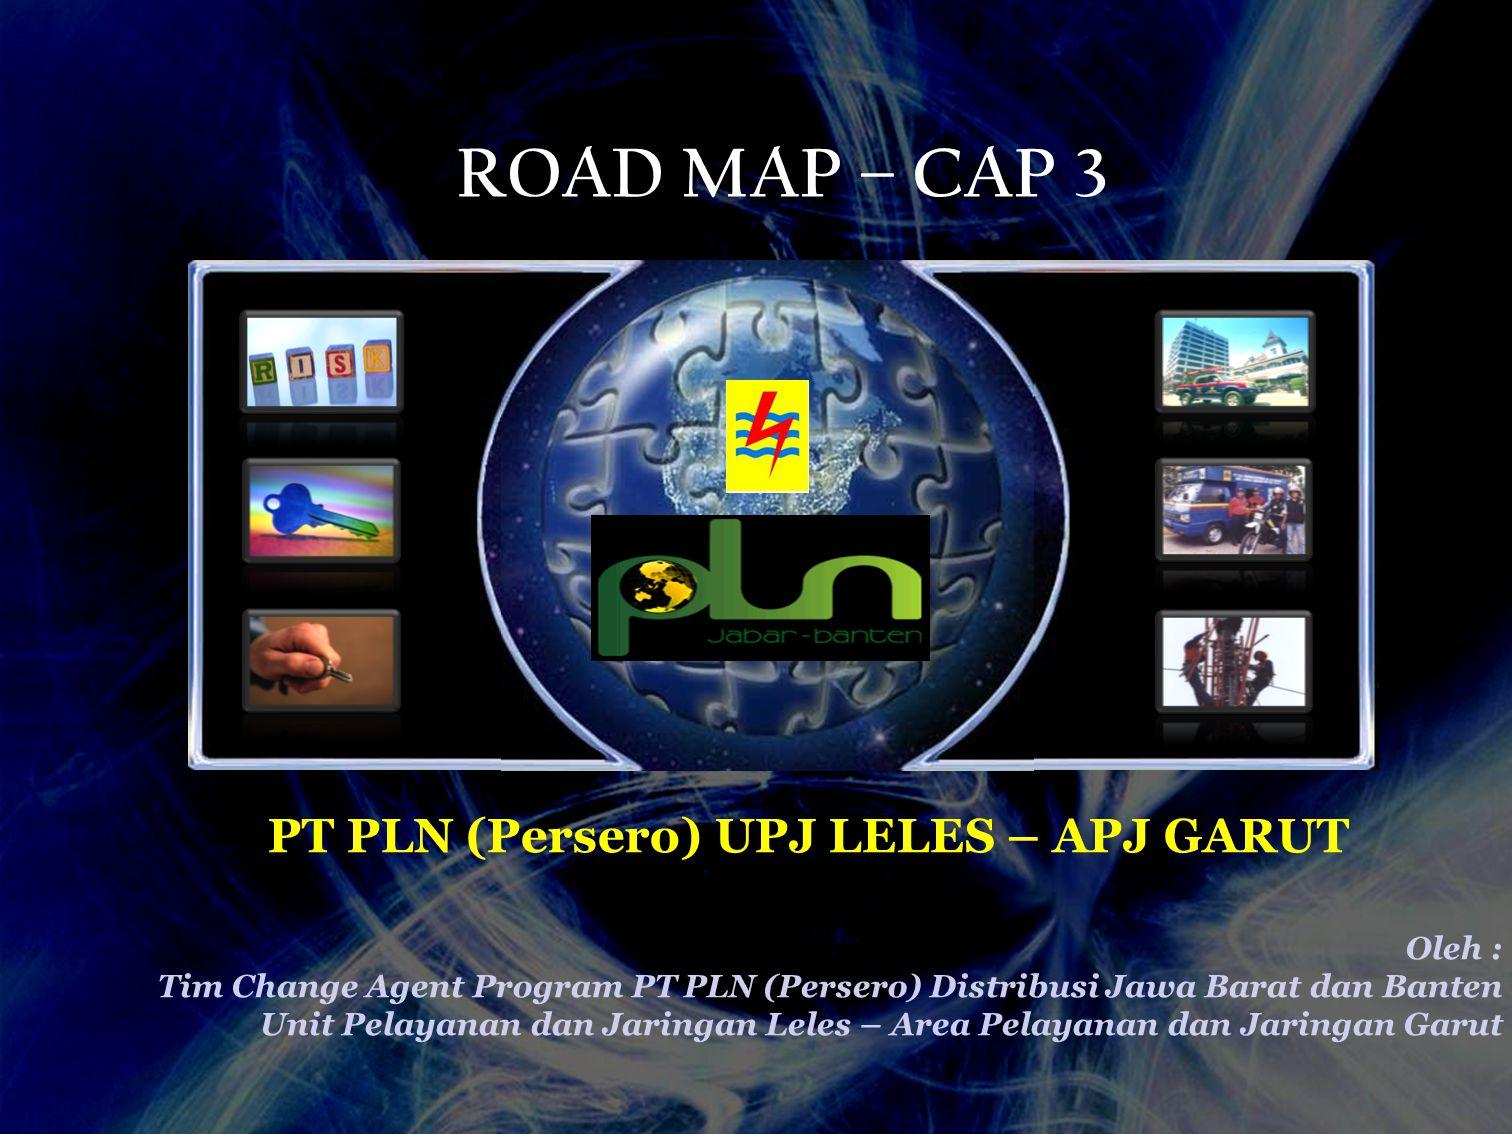 PT PLN (Persero) UPJ LELES – APJ GARUT